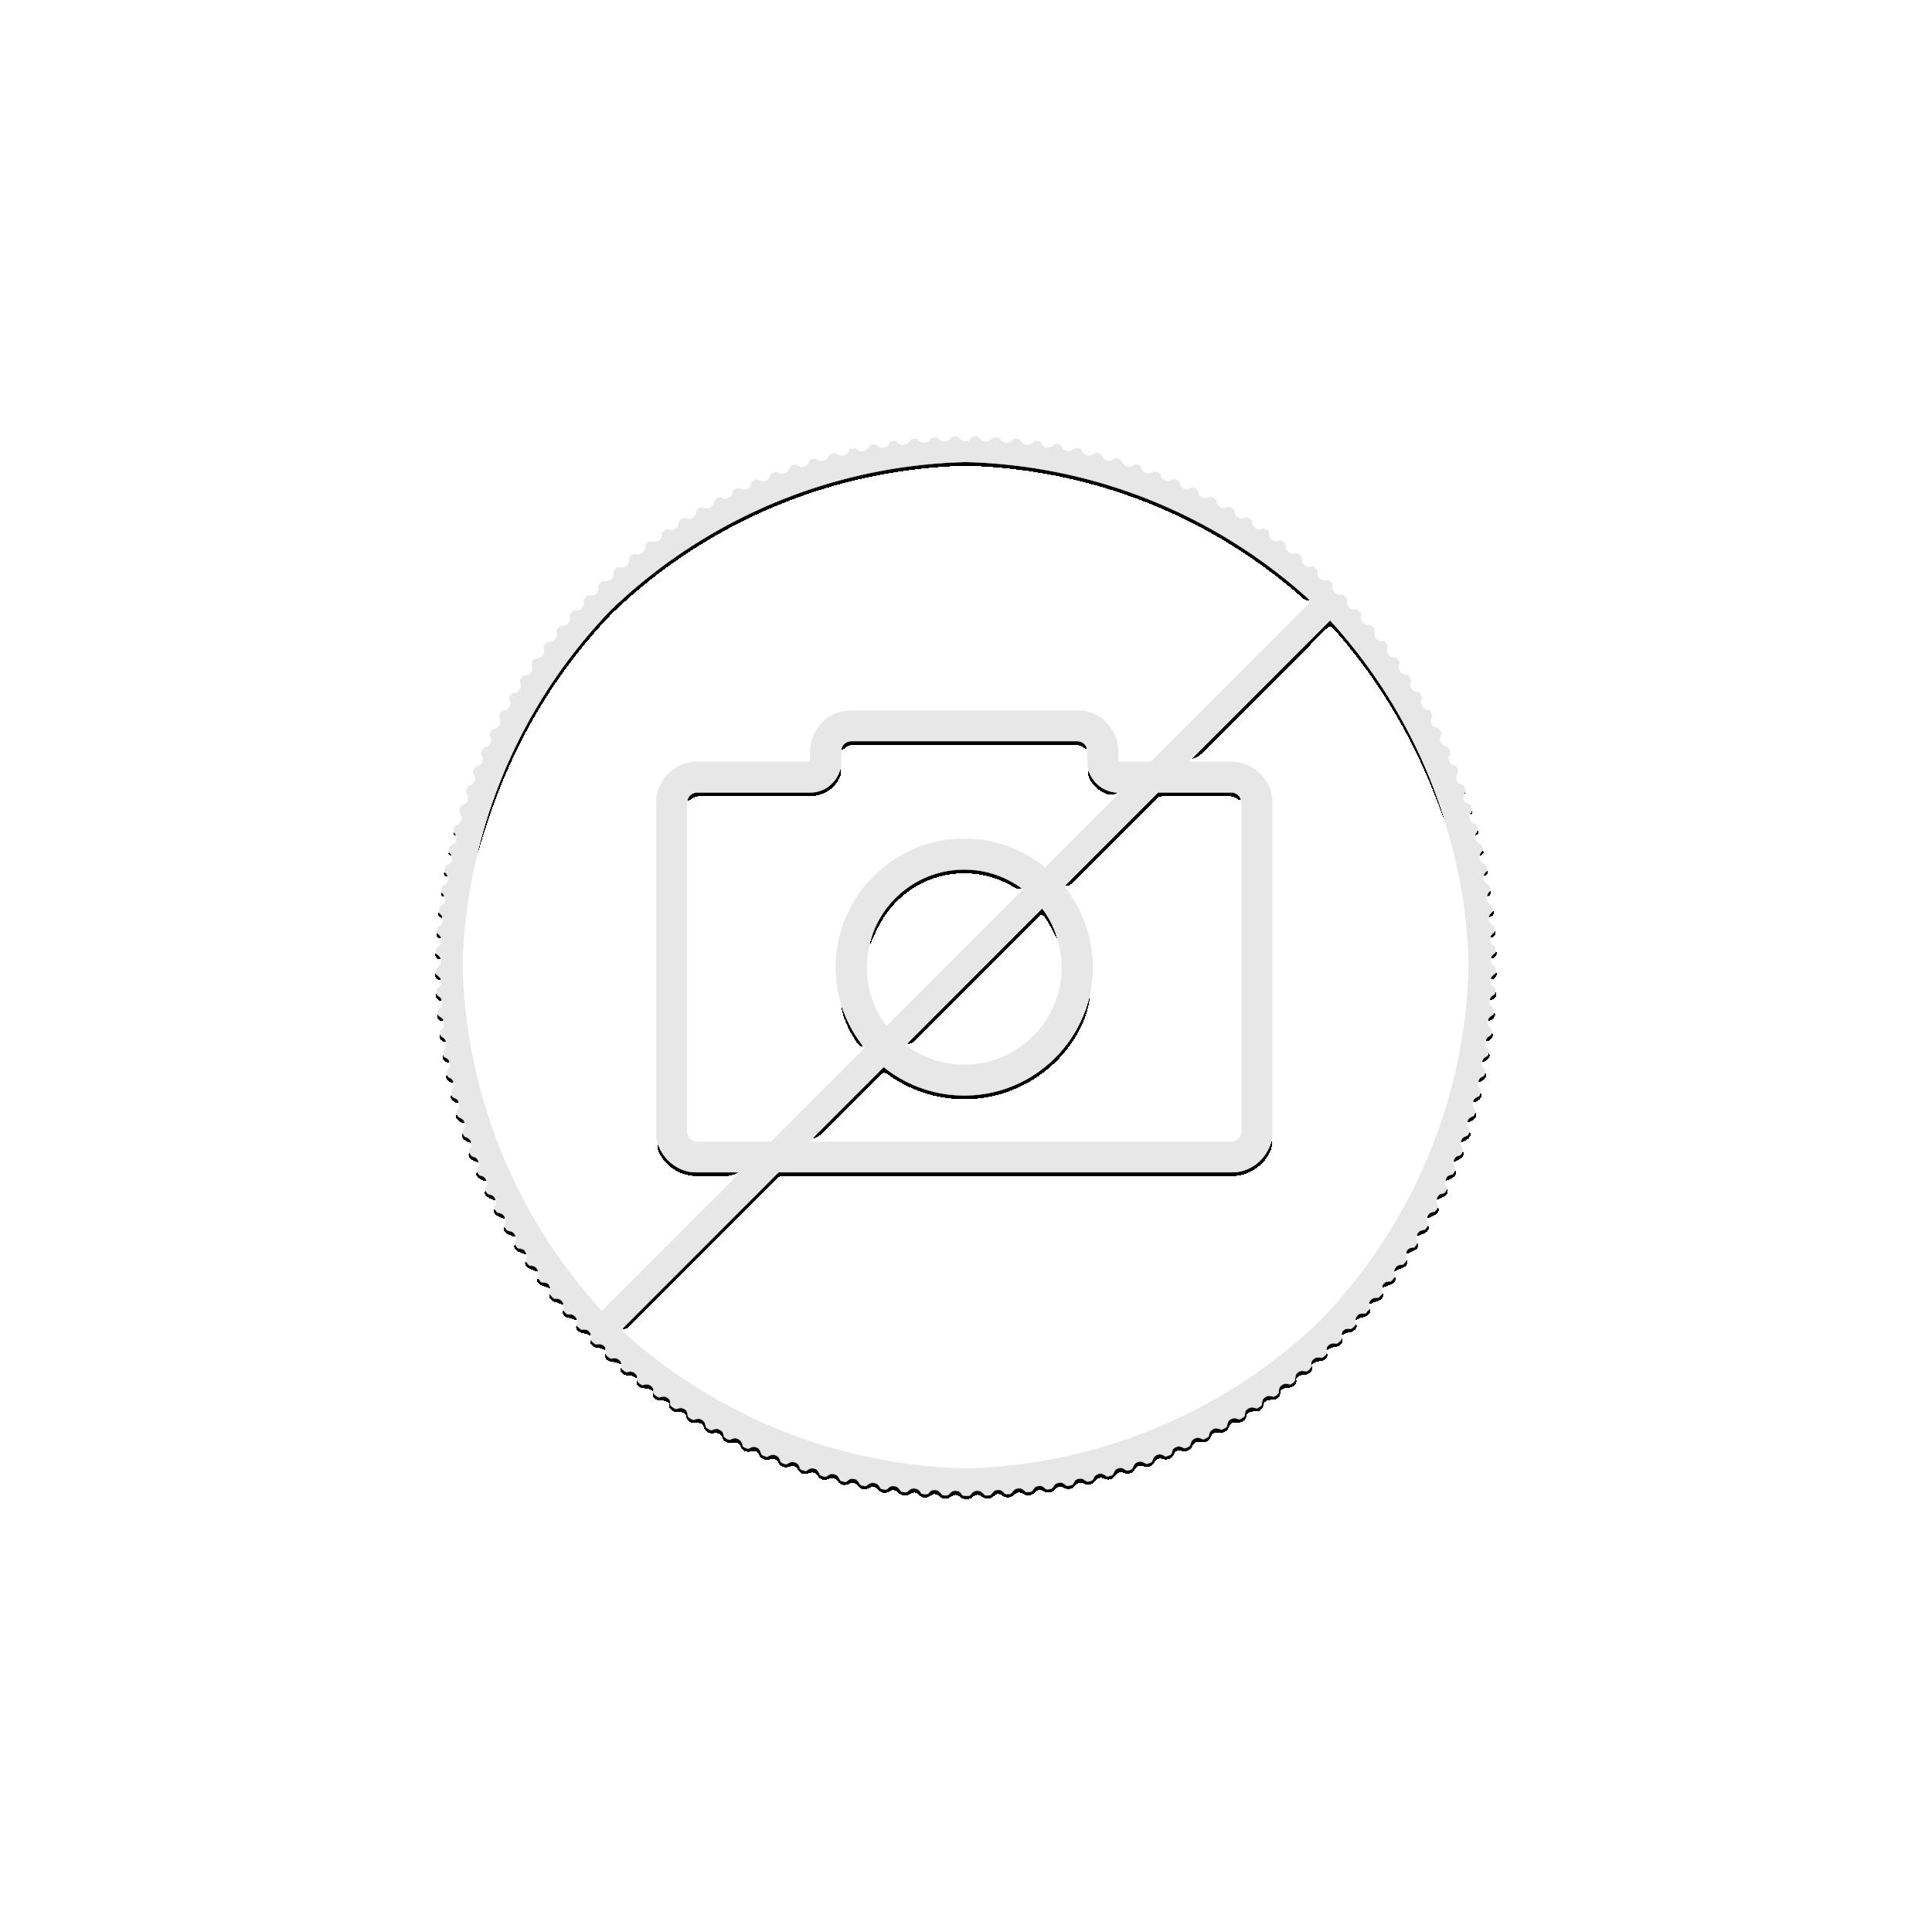 2016 - Zilveren munt Lunar 1 troy ounce jaar van de aap